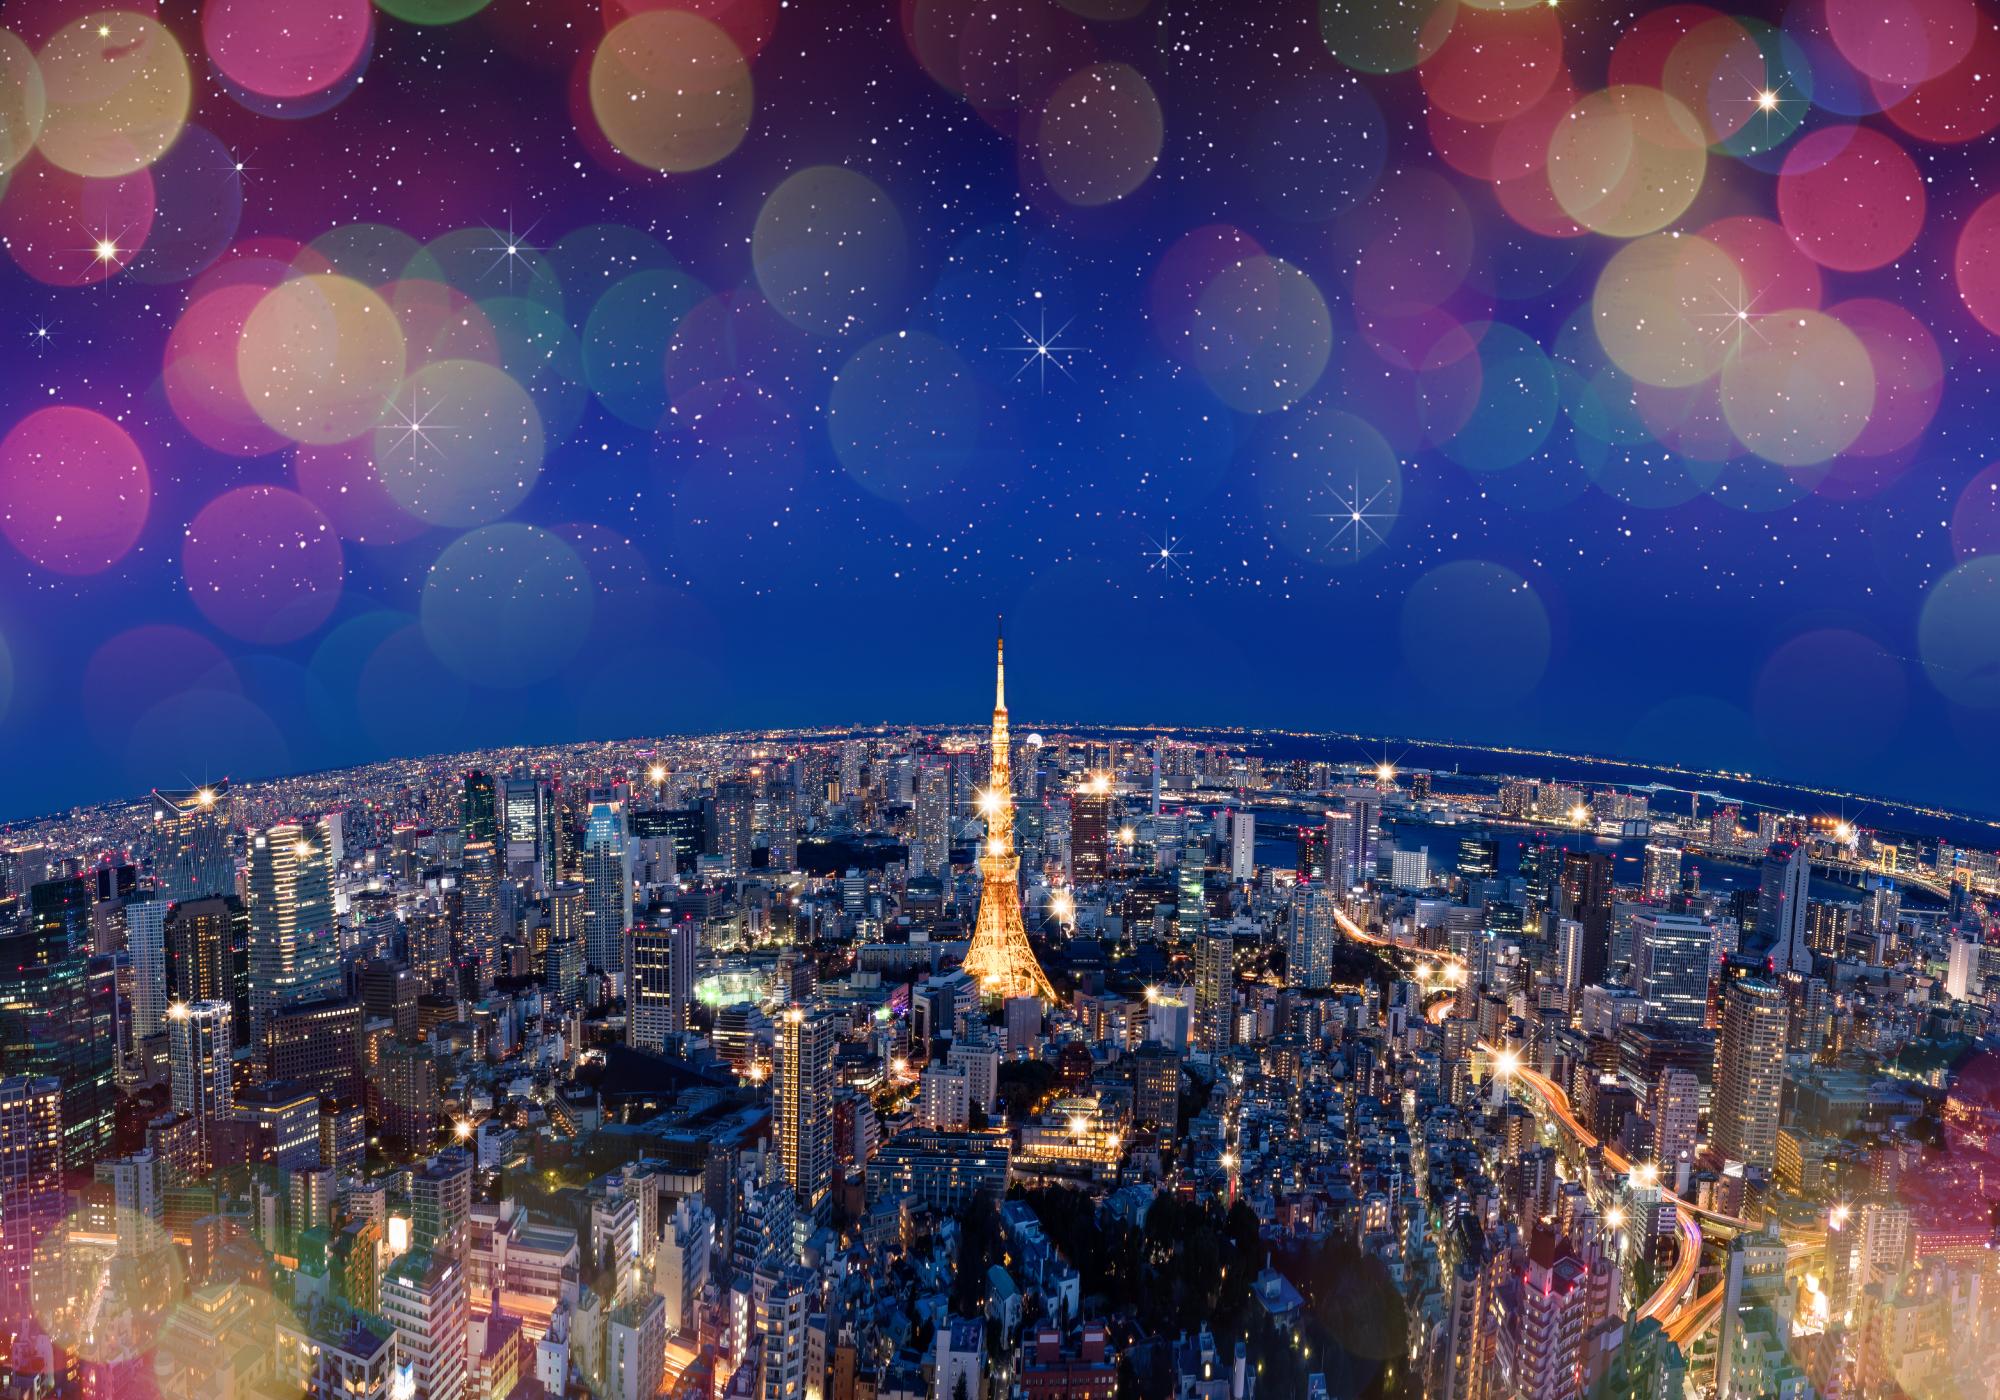 六本木ヒルズ クリスマスイルミネーション2017